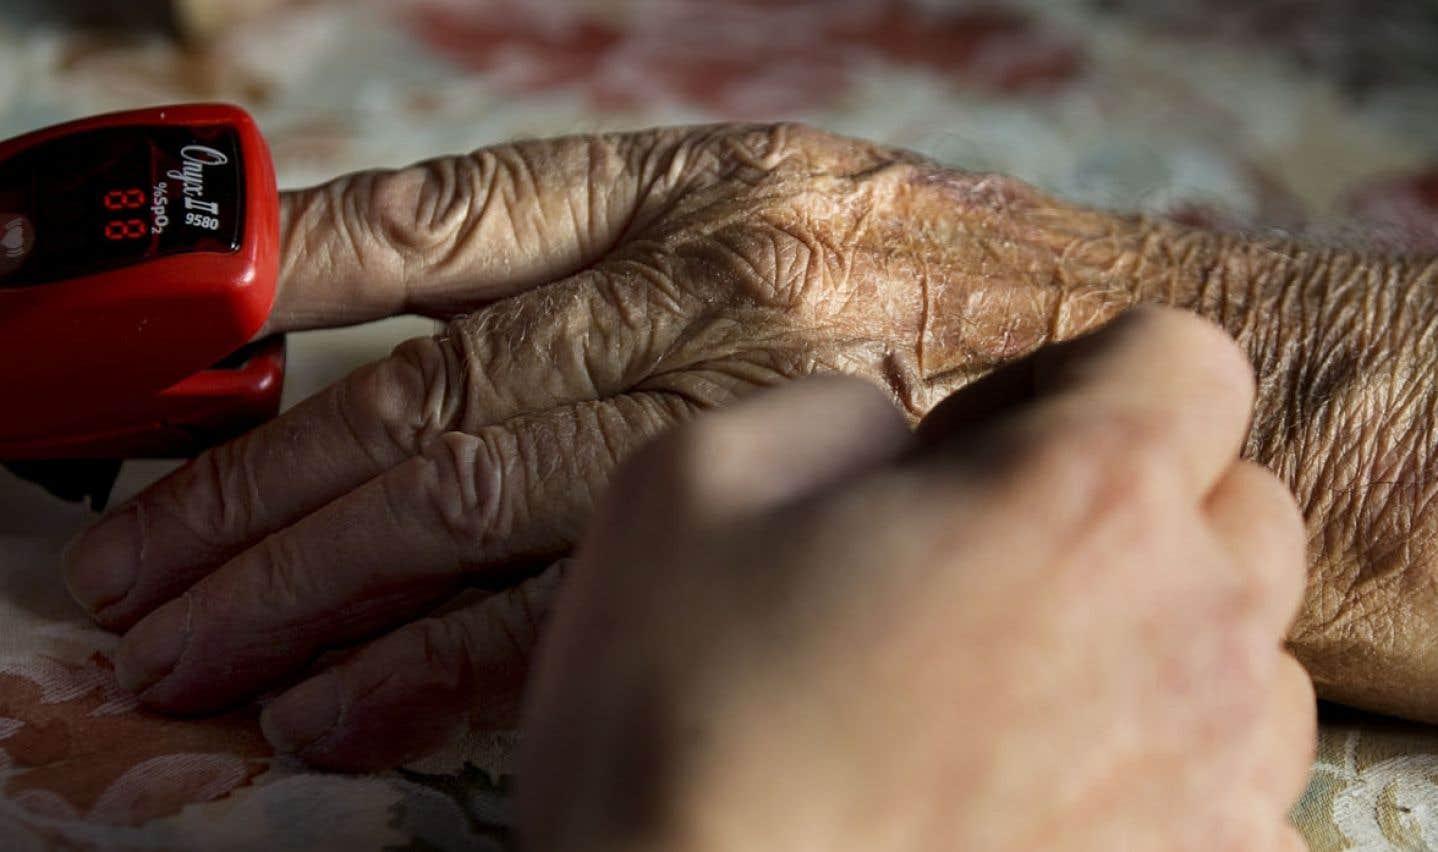 Aide médicale à mourir - Les pro-vie veulent faire reculer Québec